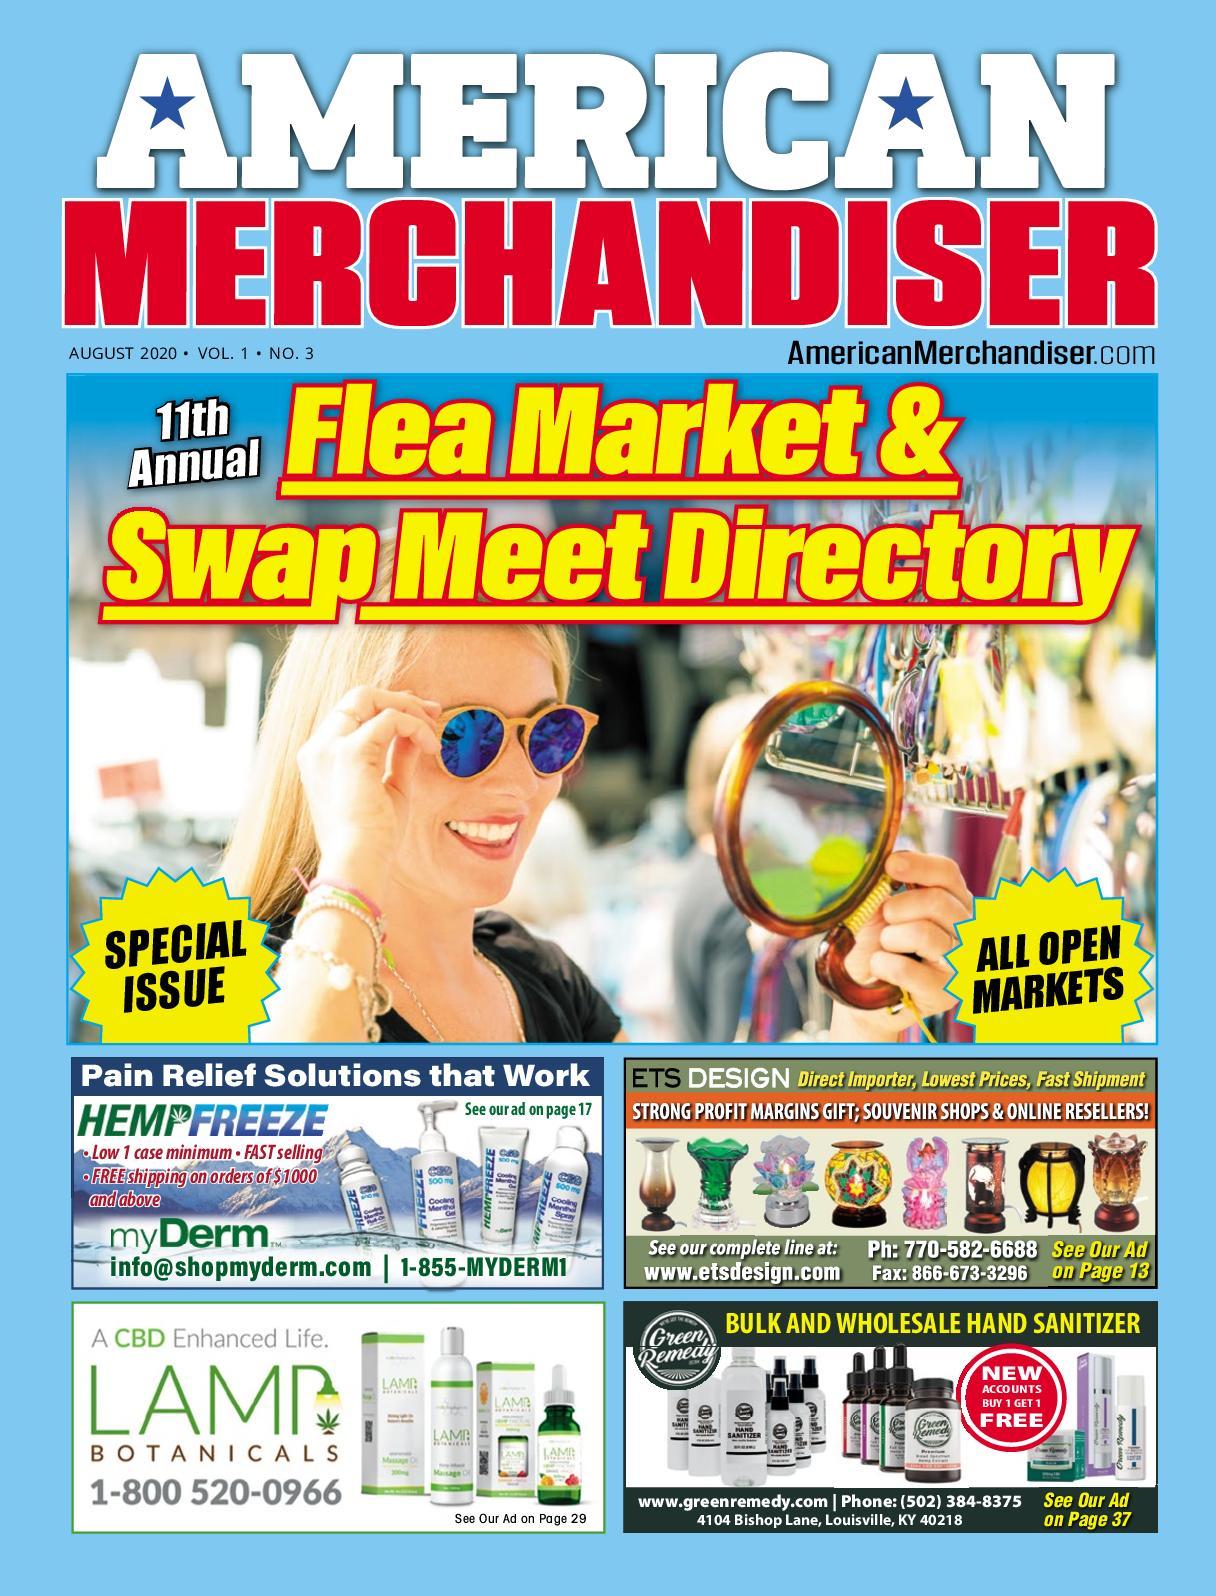 Calaméo - American Merchandiser August 2020 in Ripley Ms Flea Market Schedule 2021